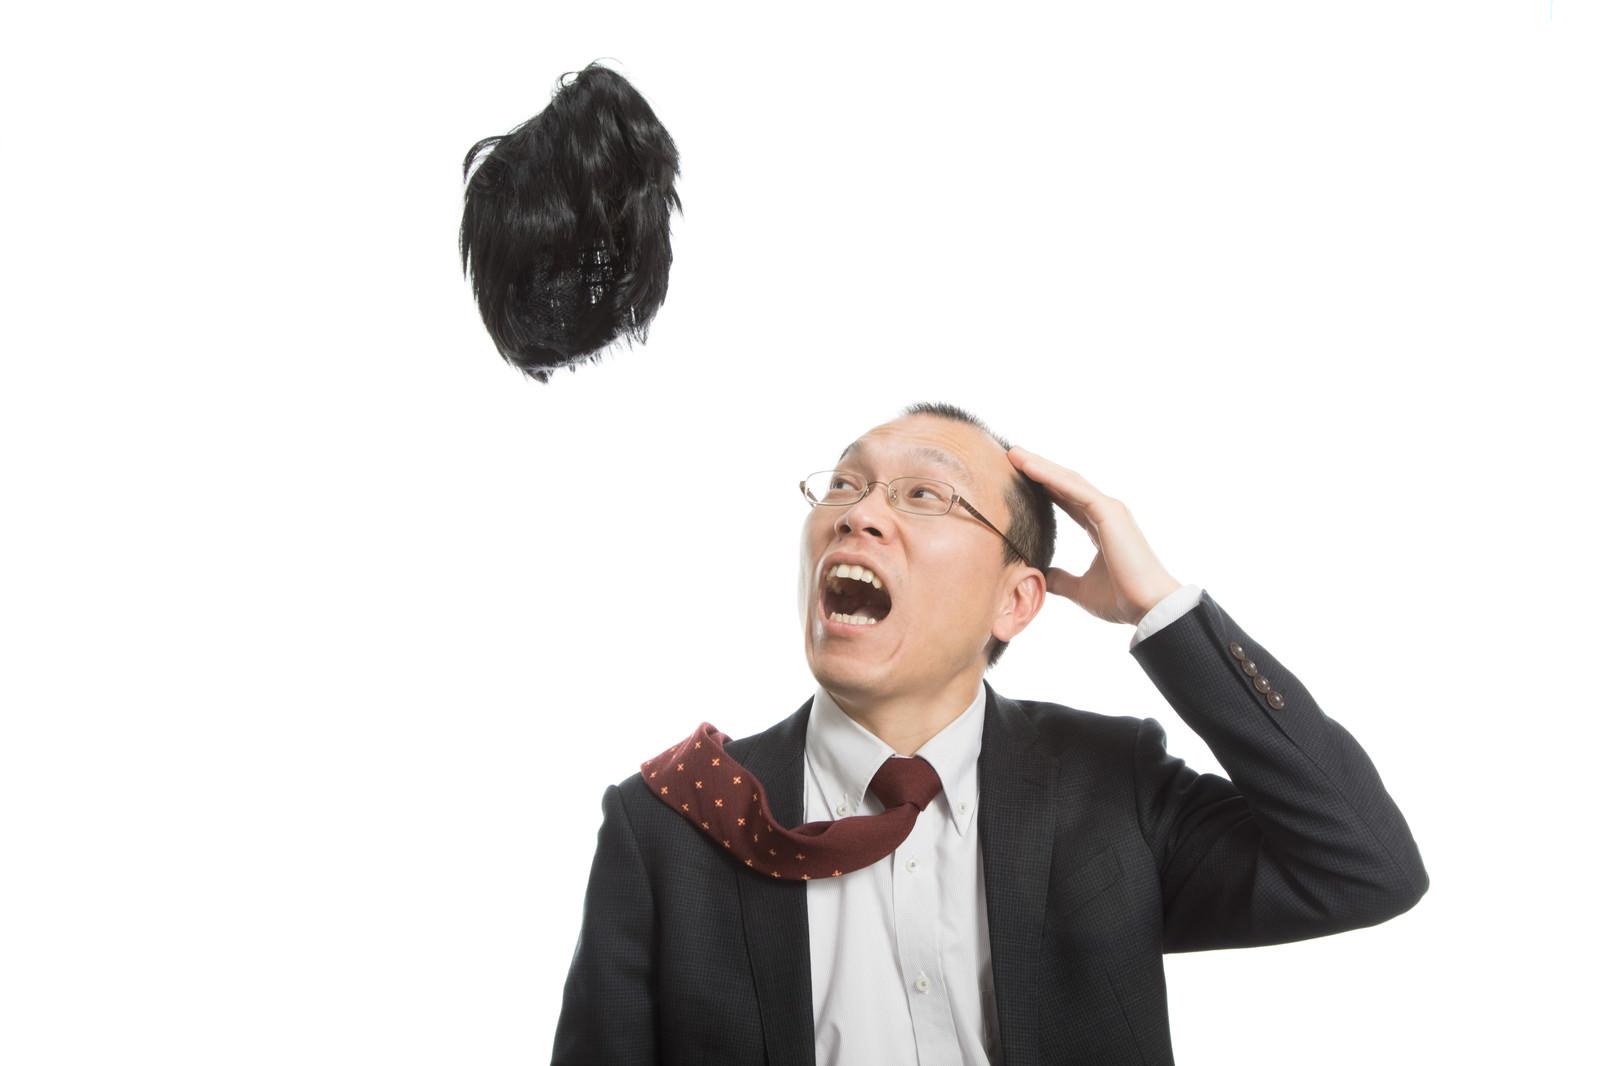 「神様から毛髪を取り上げられたハゲリーマン | 写真の無料素材・フリー素材 - ぱくたそ」の写真[モデル:サンライズ鈴木]